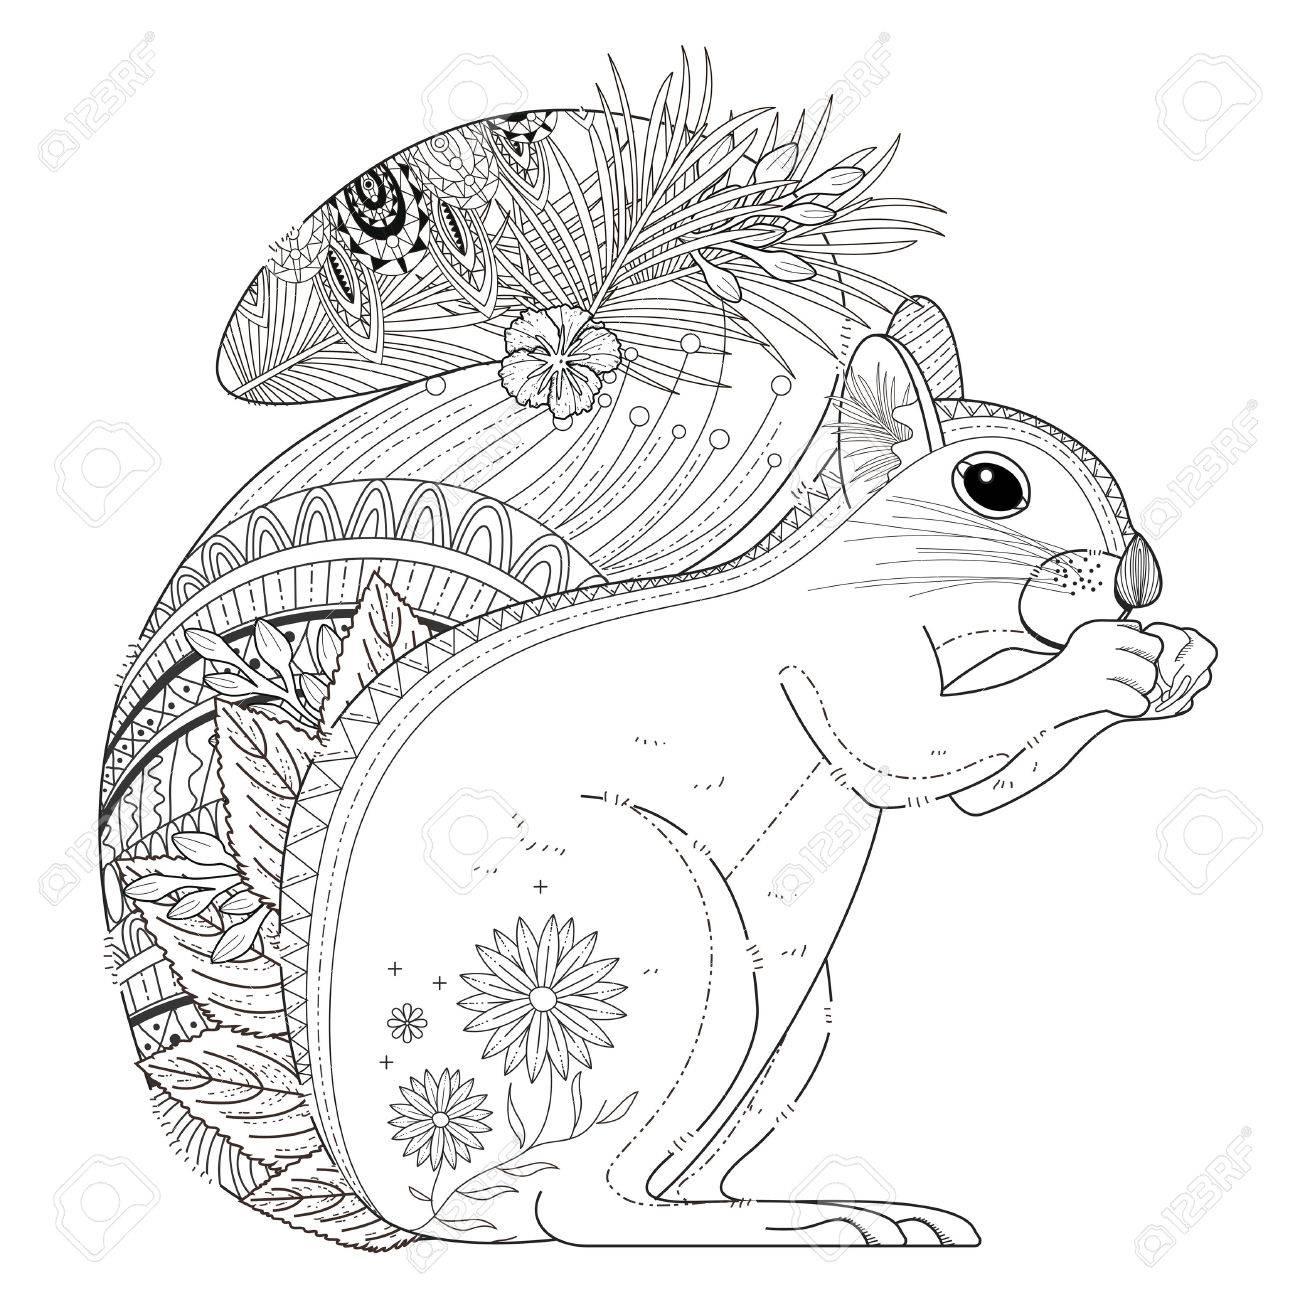 Adorable Eichhörnchen ausmalbilder in exquisite Linie